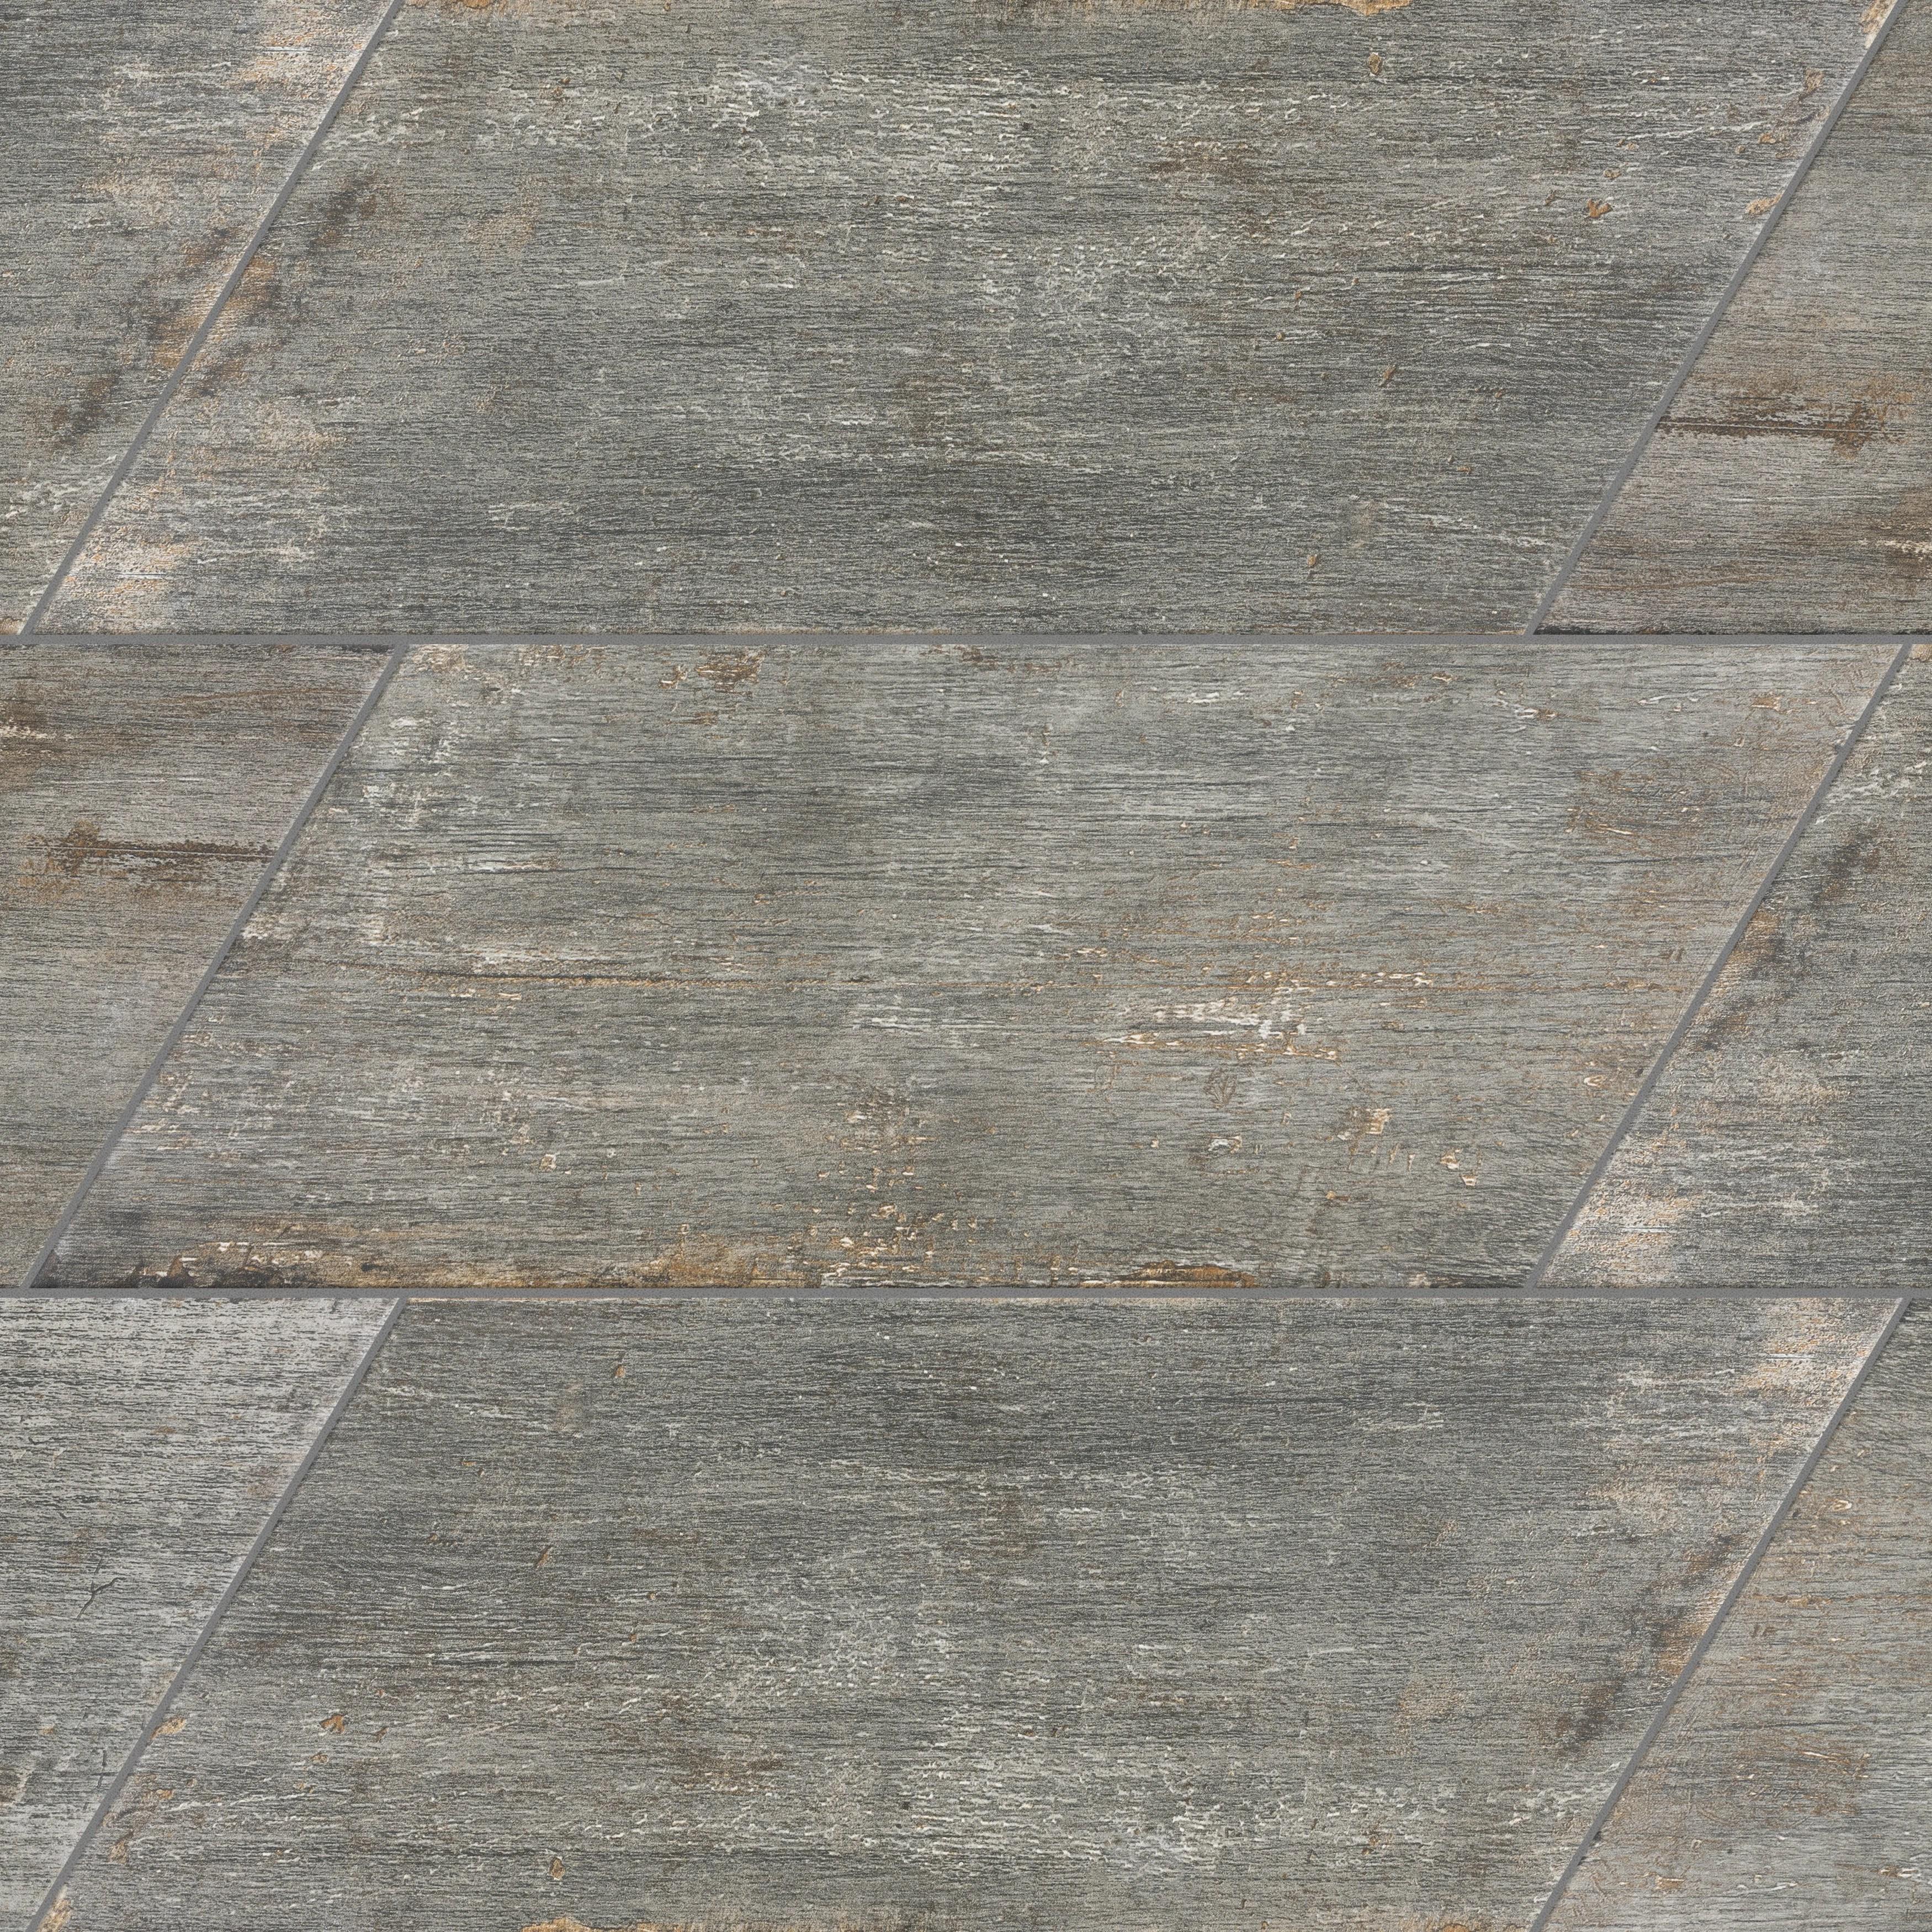 rama 7 x 16 porcelain wood look wall floor tile